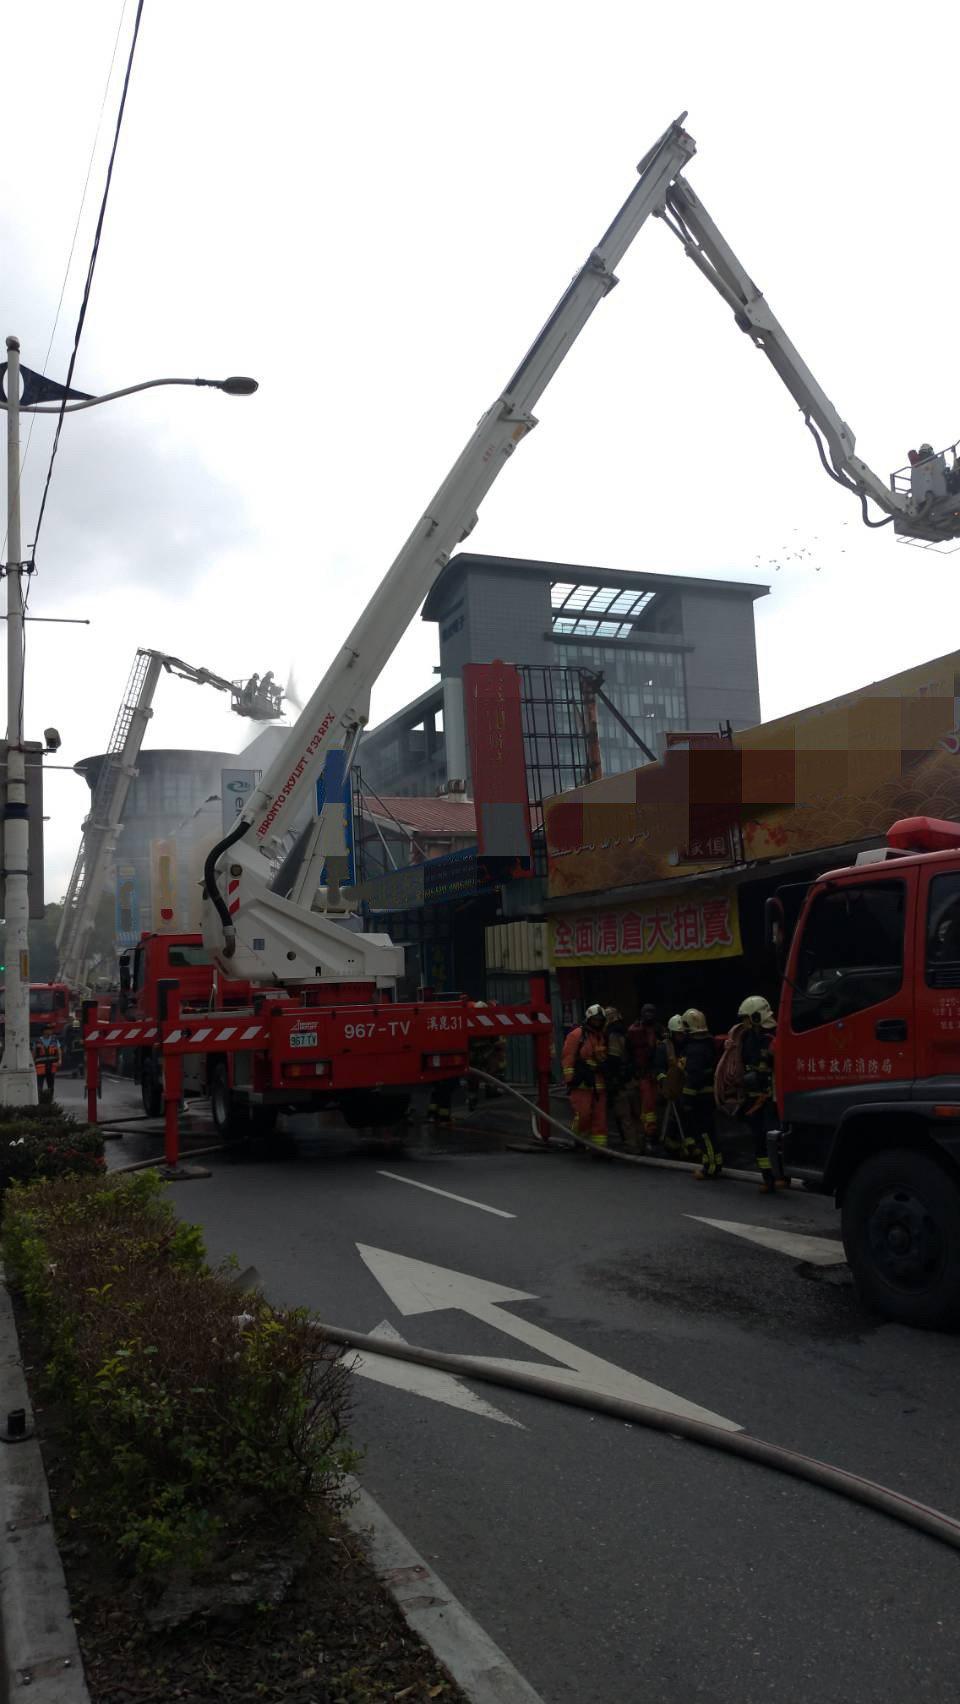 消防人員出動灑水車在現場灌救,所幸火勢迅速受到控制,無人傷亡。記者巫鴻瑋/翻攝